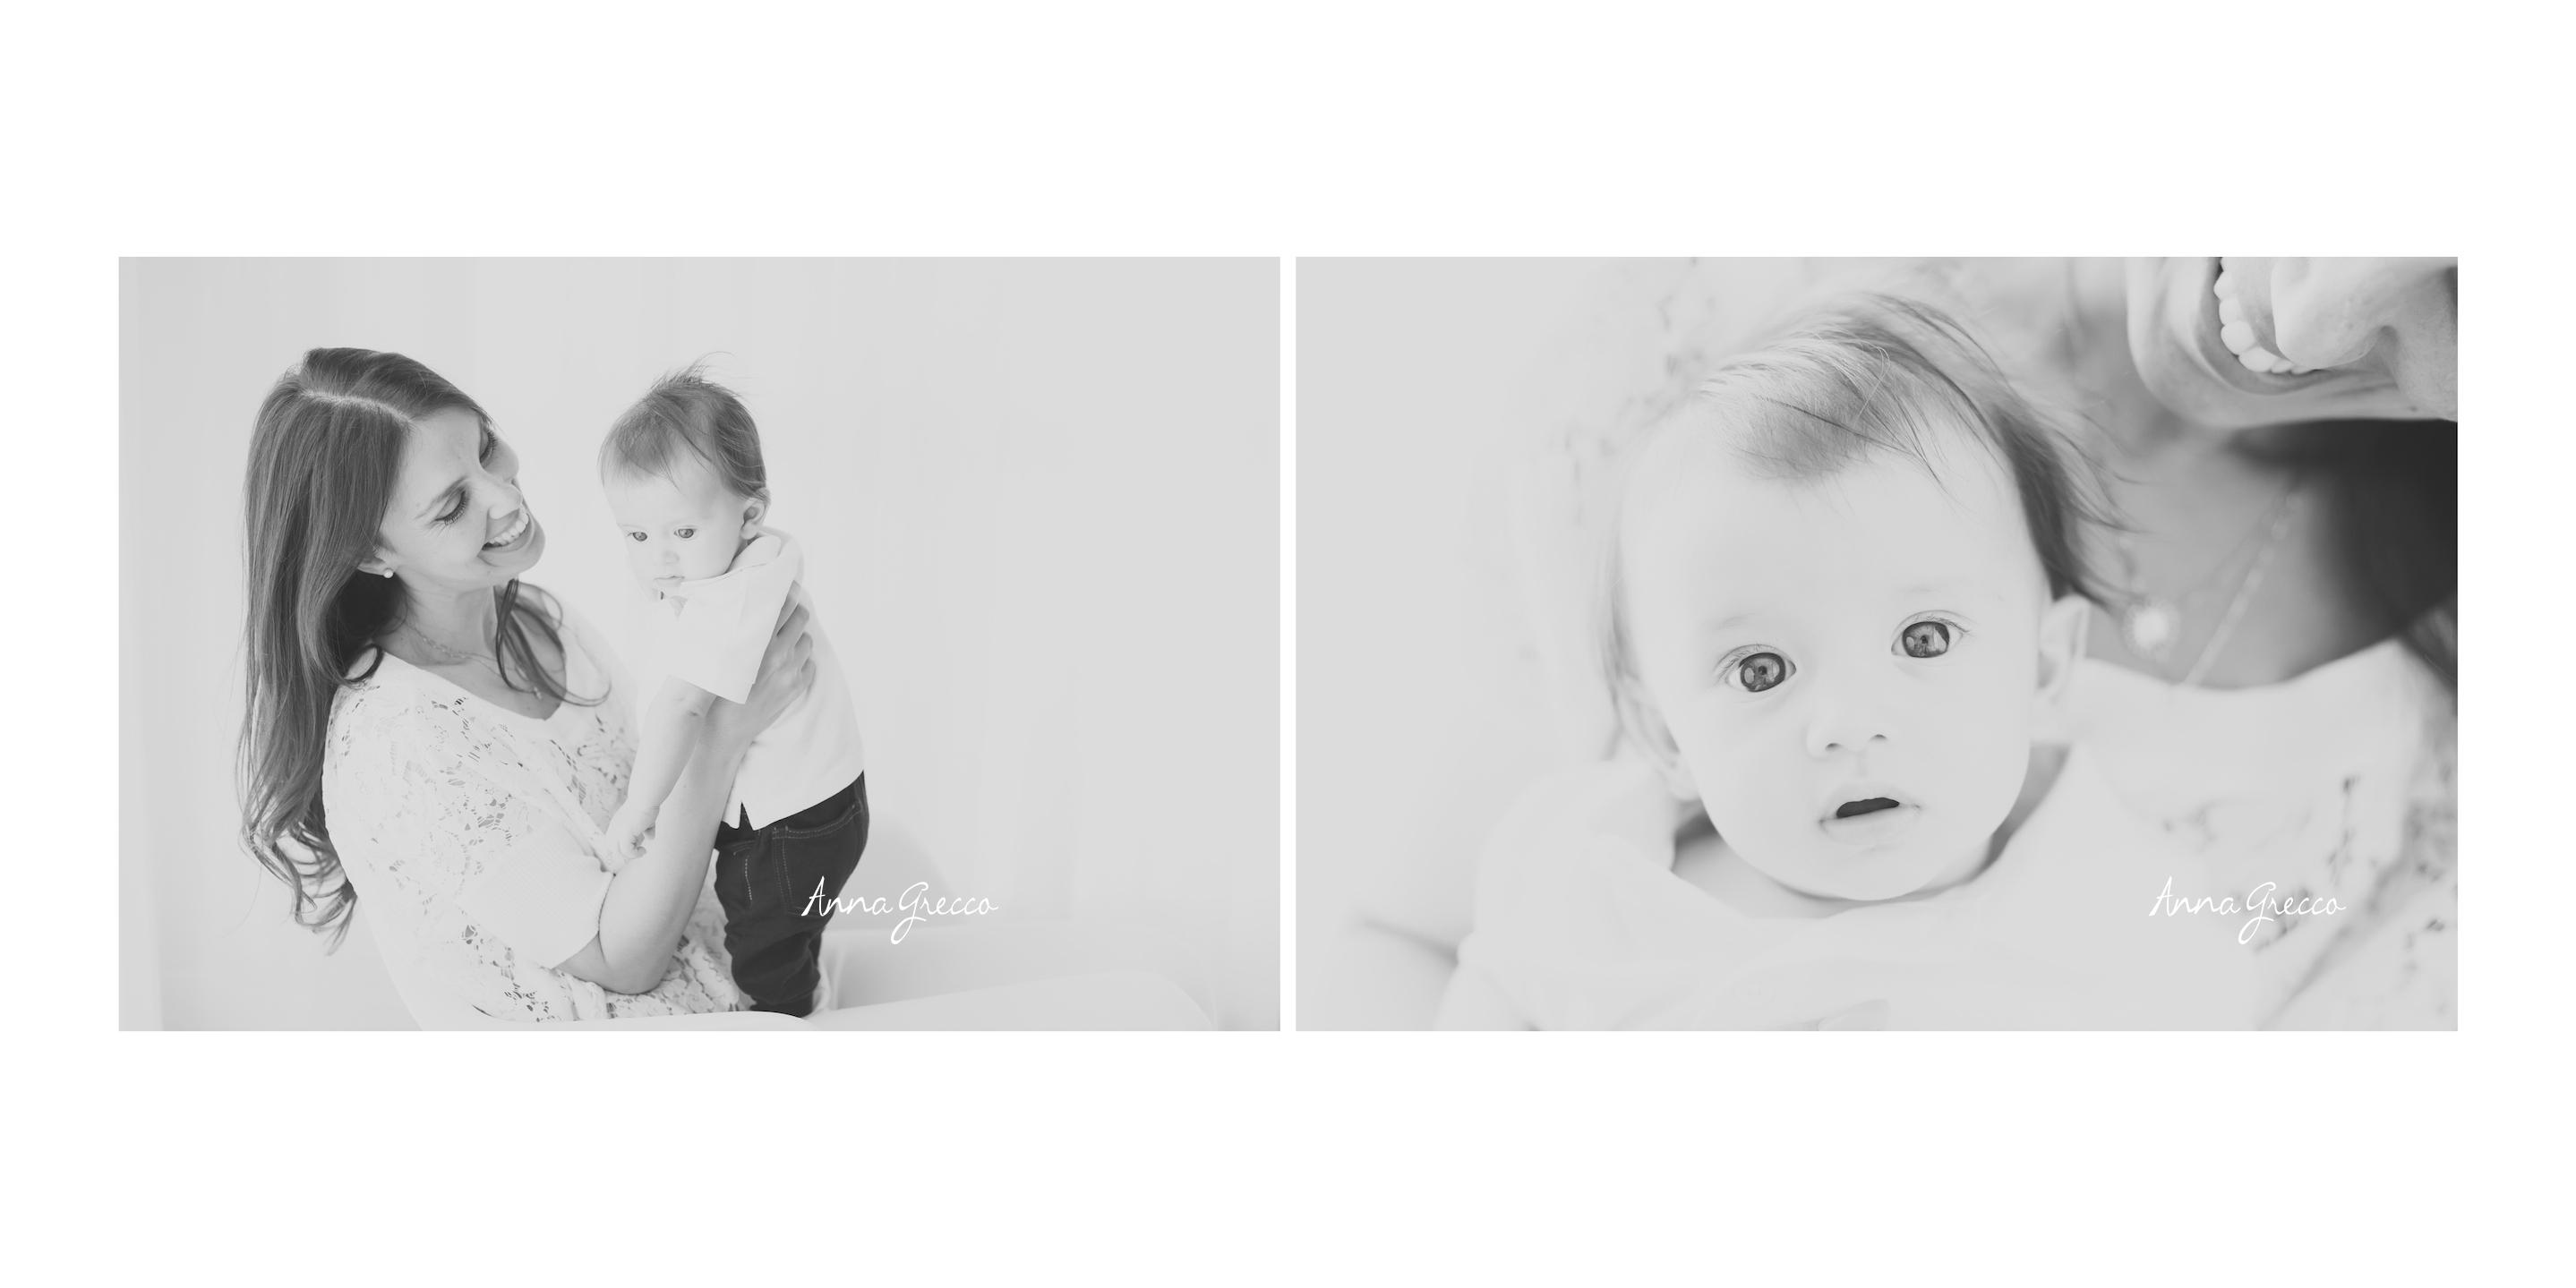 fotografia de famílias, bebês, gestante, grávidas, newborn, crianças. Fotos em estúdio - Campinas, Valinhos, São Paulo